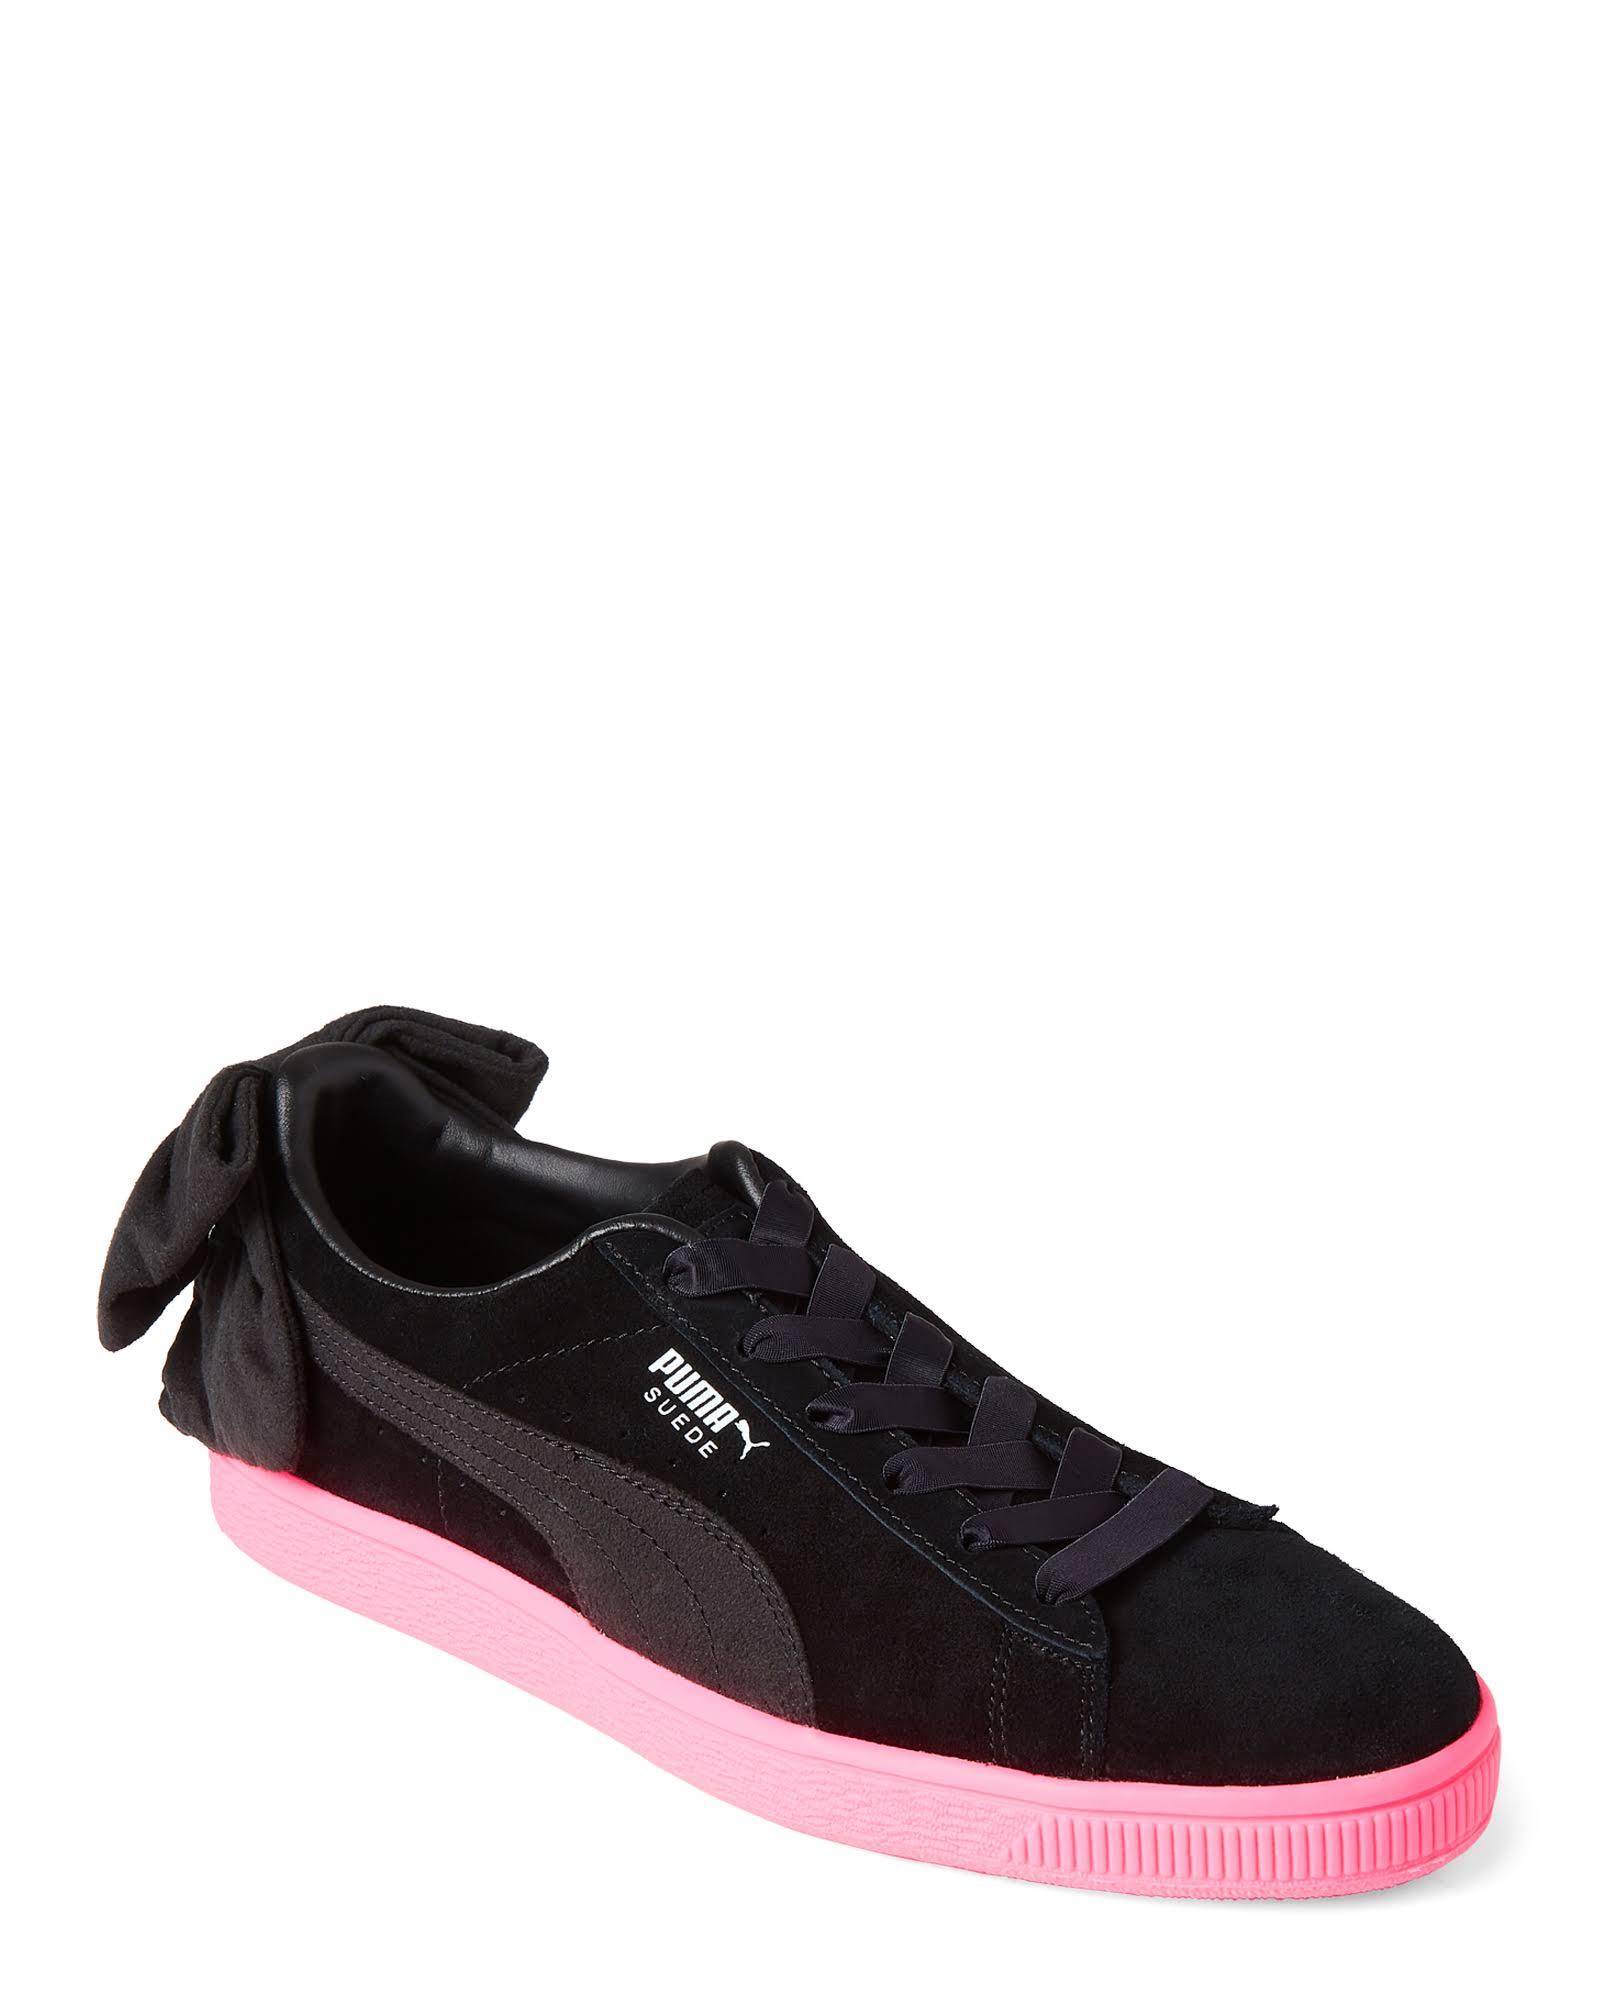 Niedrige Sneakers Wildleder Schwarze Mit 11 Aus Puma 10med Schleife A1qwB5q